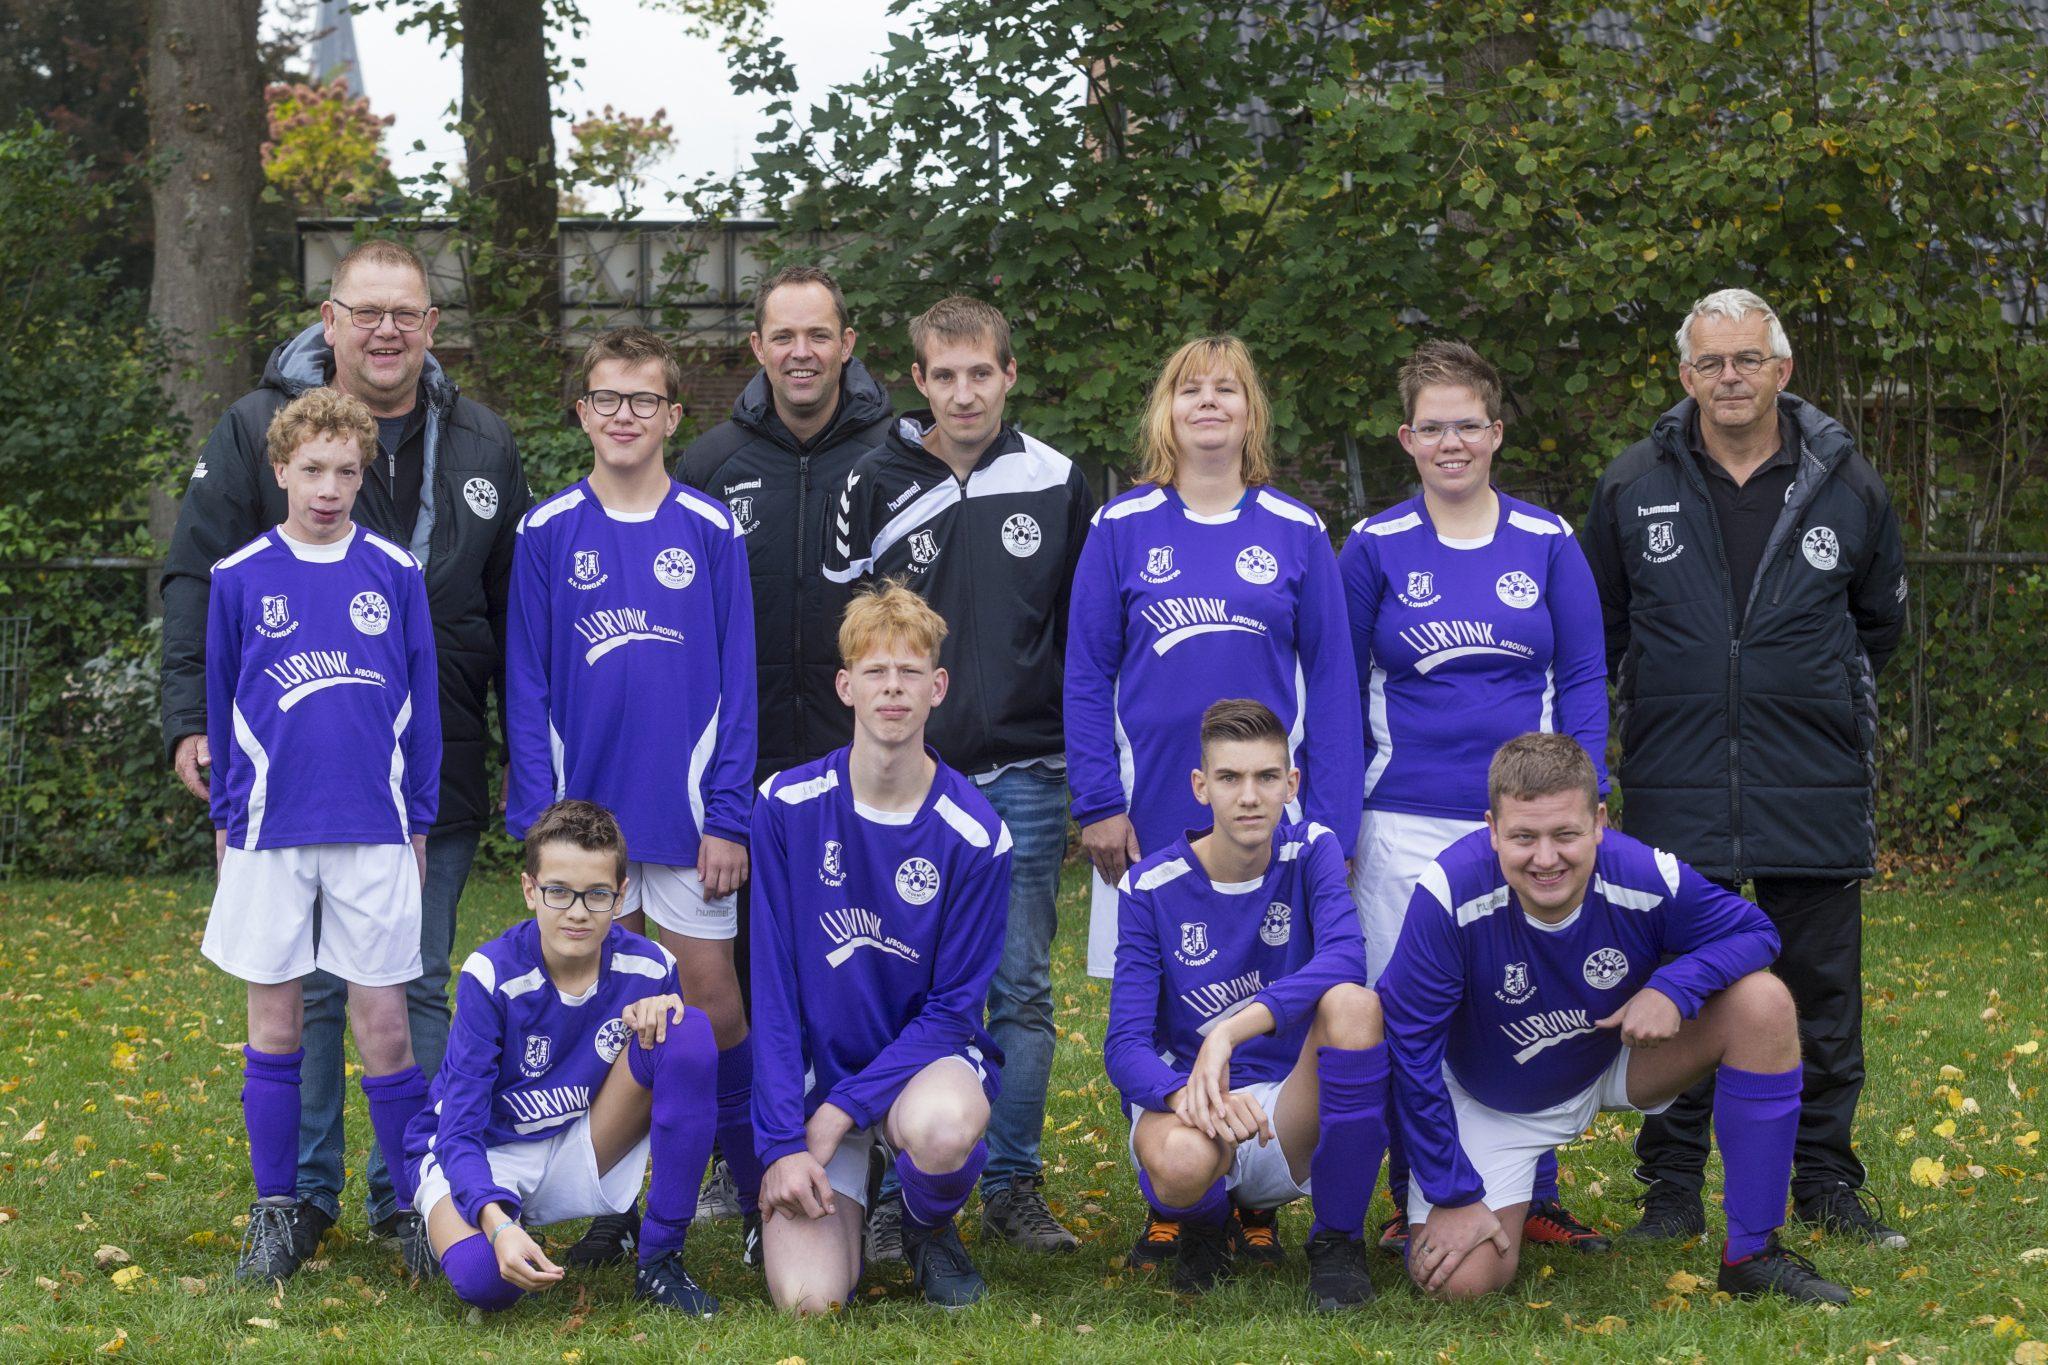 G-voetbalteams Longa '30 en Grol verlengen samenwerking